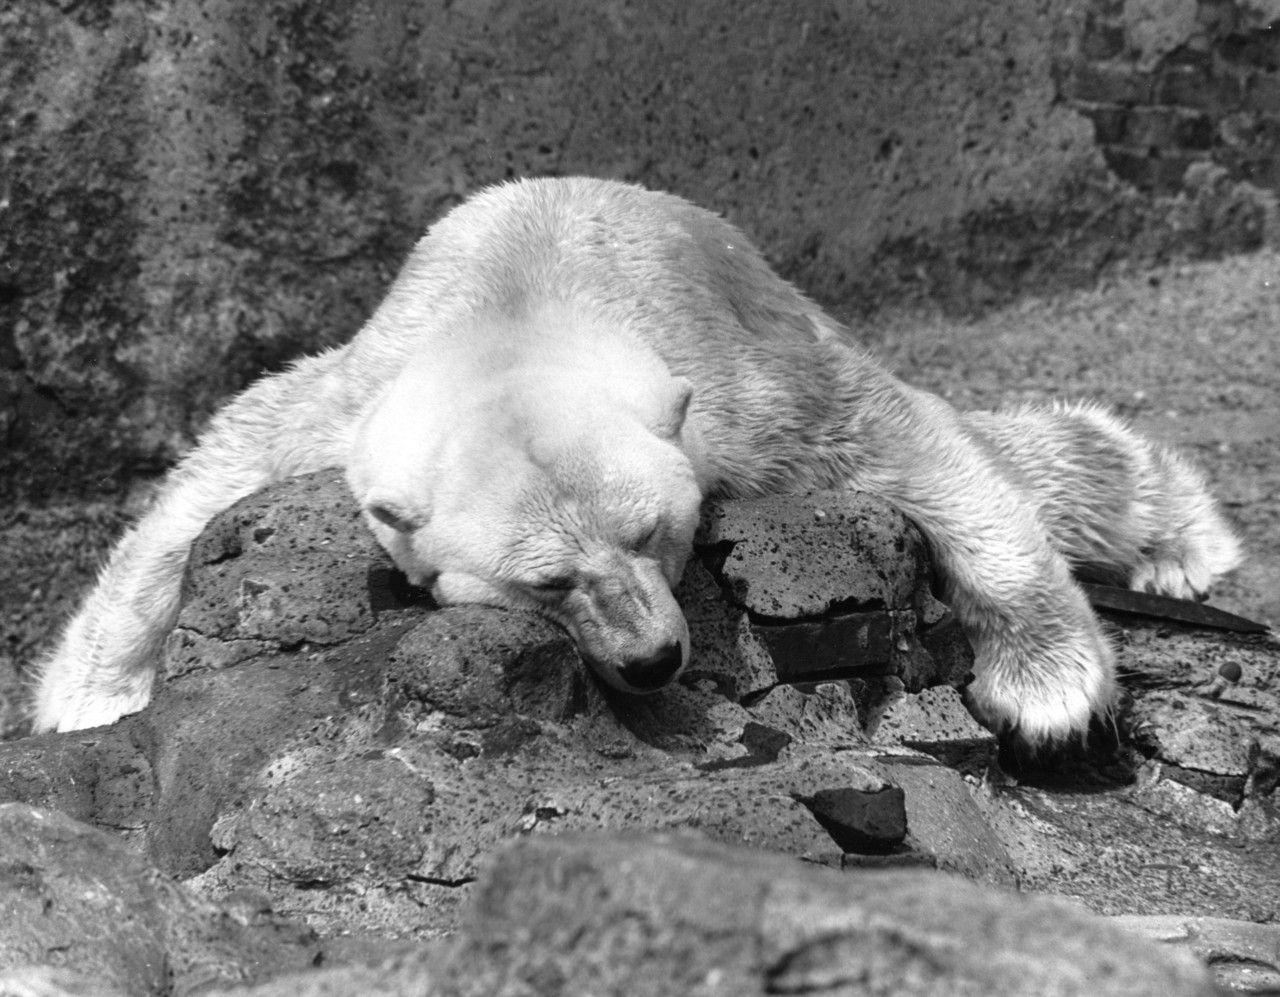 A polar bear fast asleep at London Zoo, 1961.